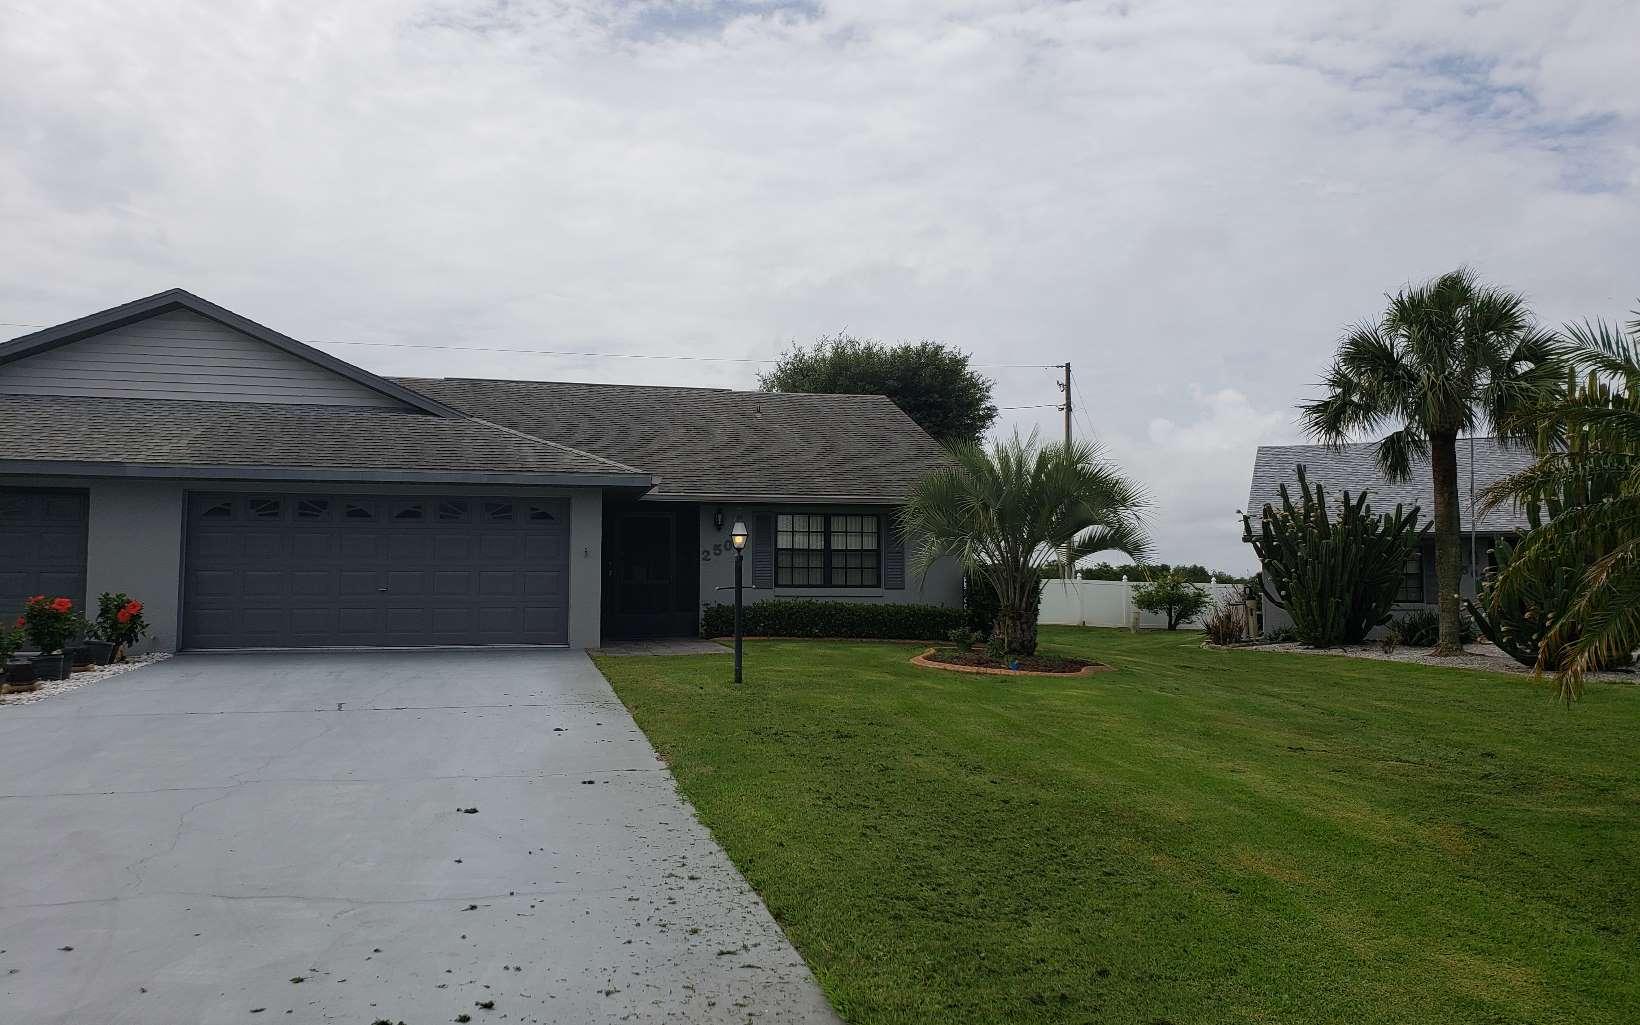 2504 N Orangewood St, Avon Park, FL 33825